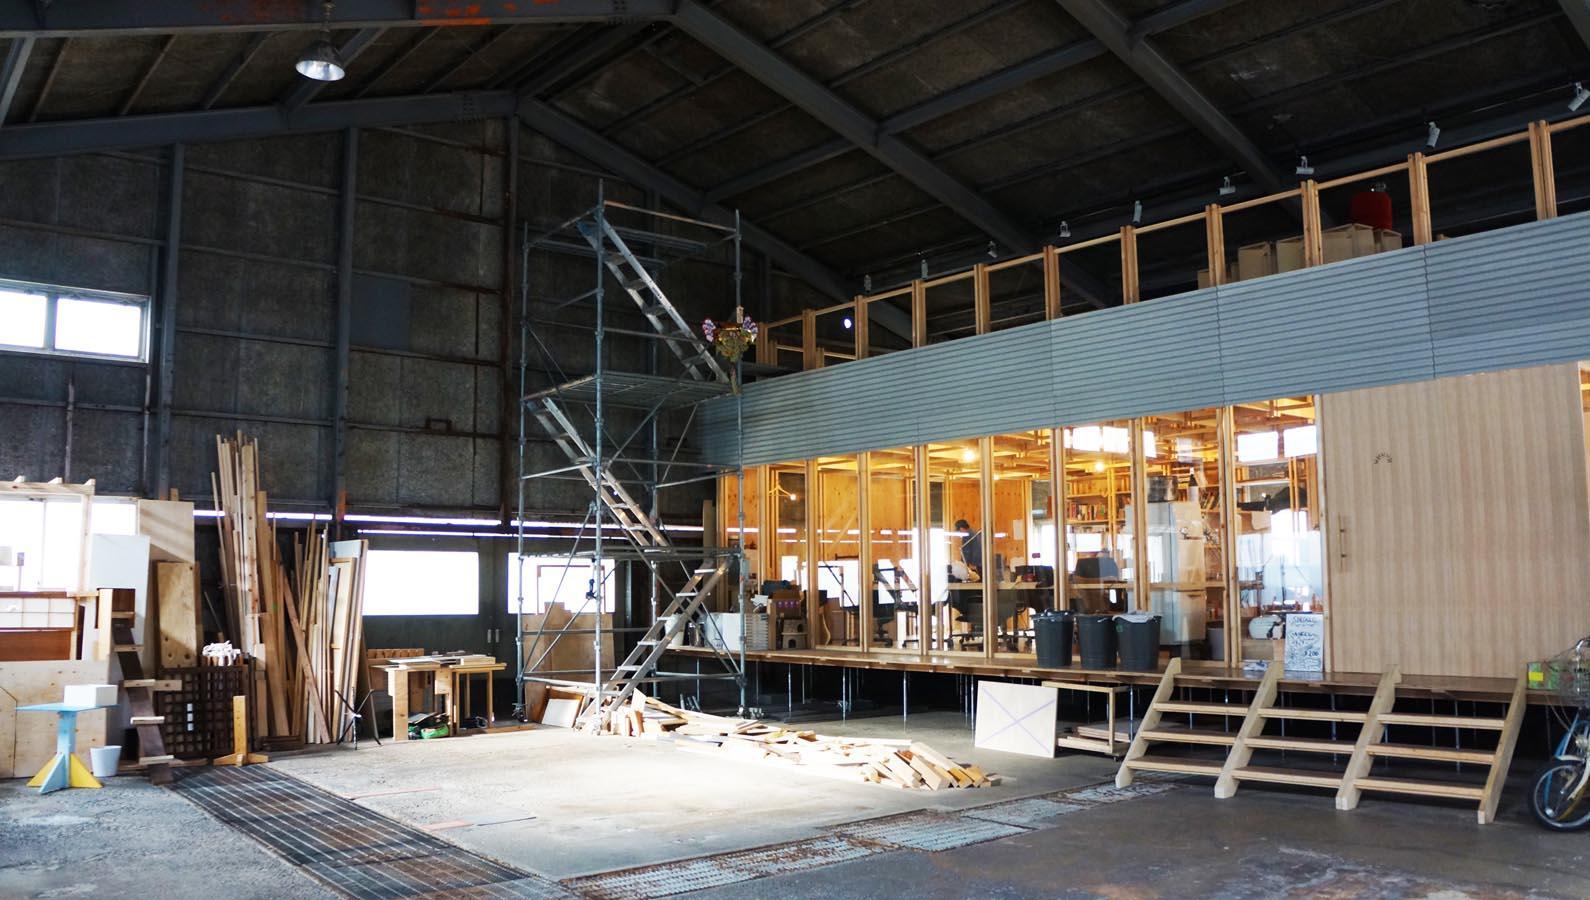 広く天井の高い倉庫の中に事務所スペースがつくられています